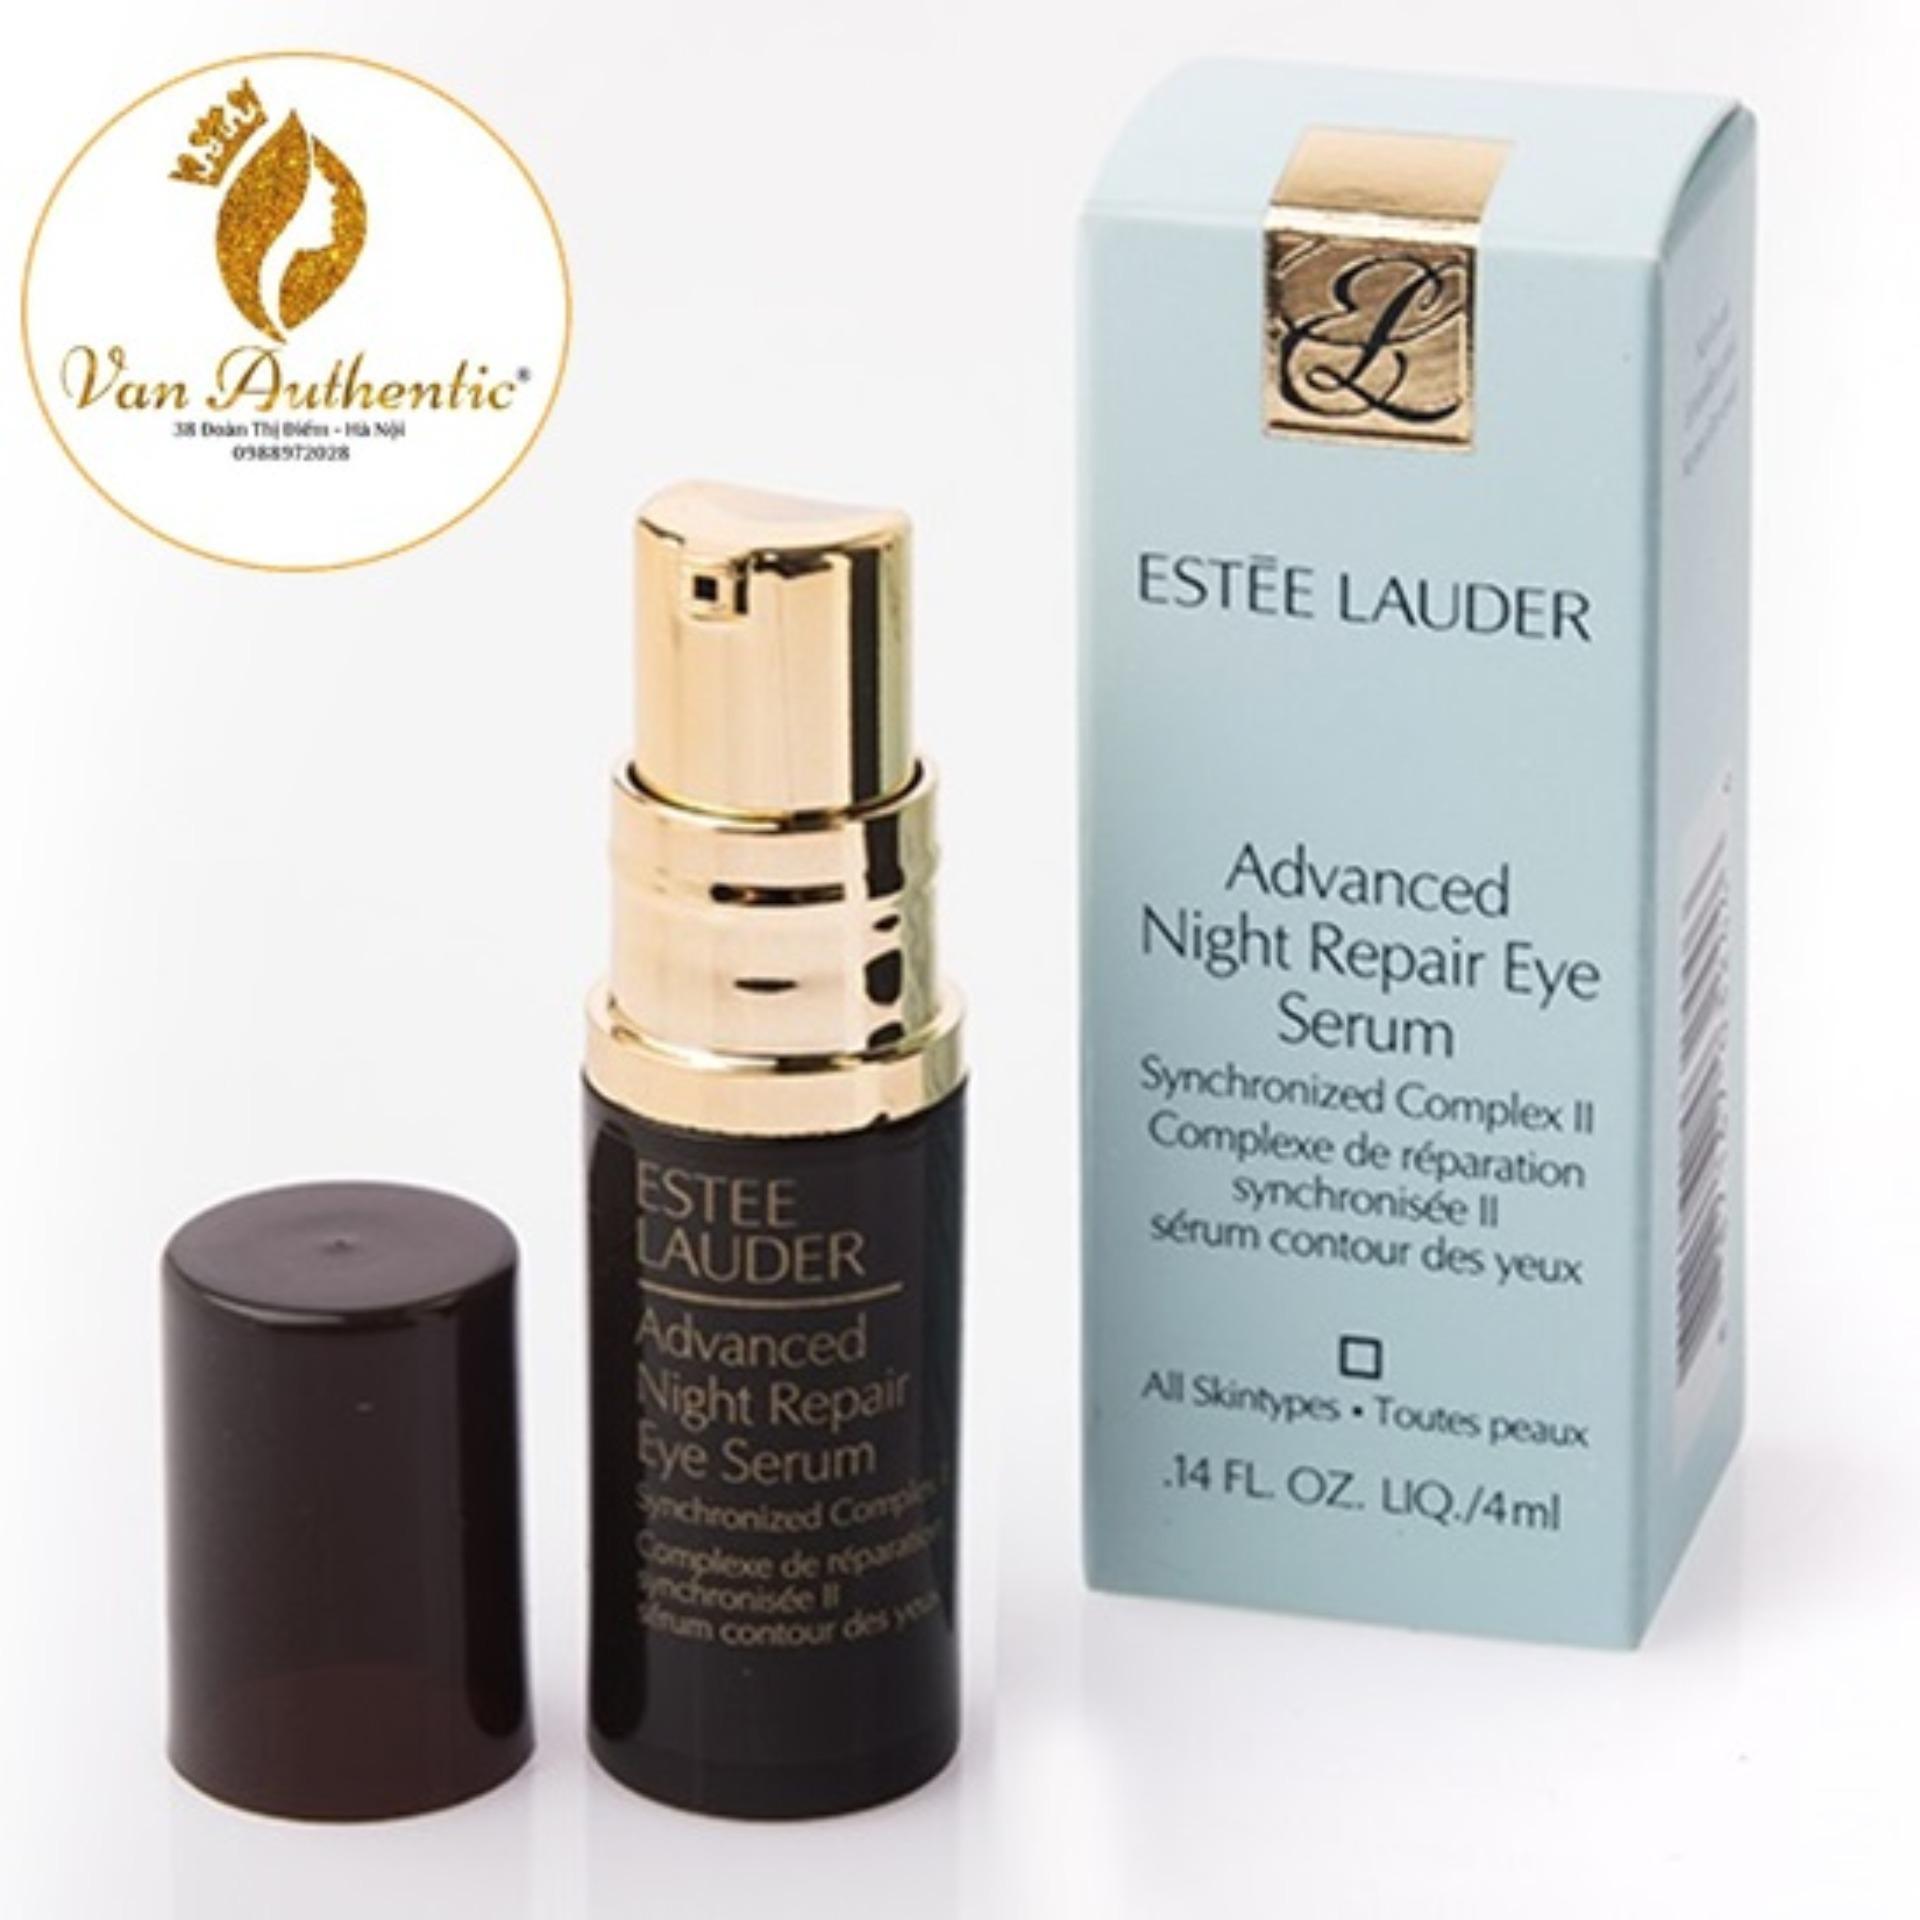 Hình ảnh Serum vùng mắt Estee Lauder Advanced Night Repair Eye Syn Complex II